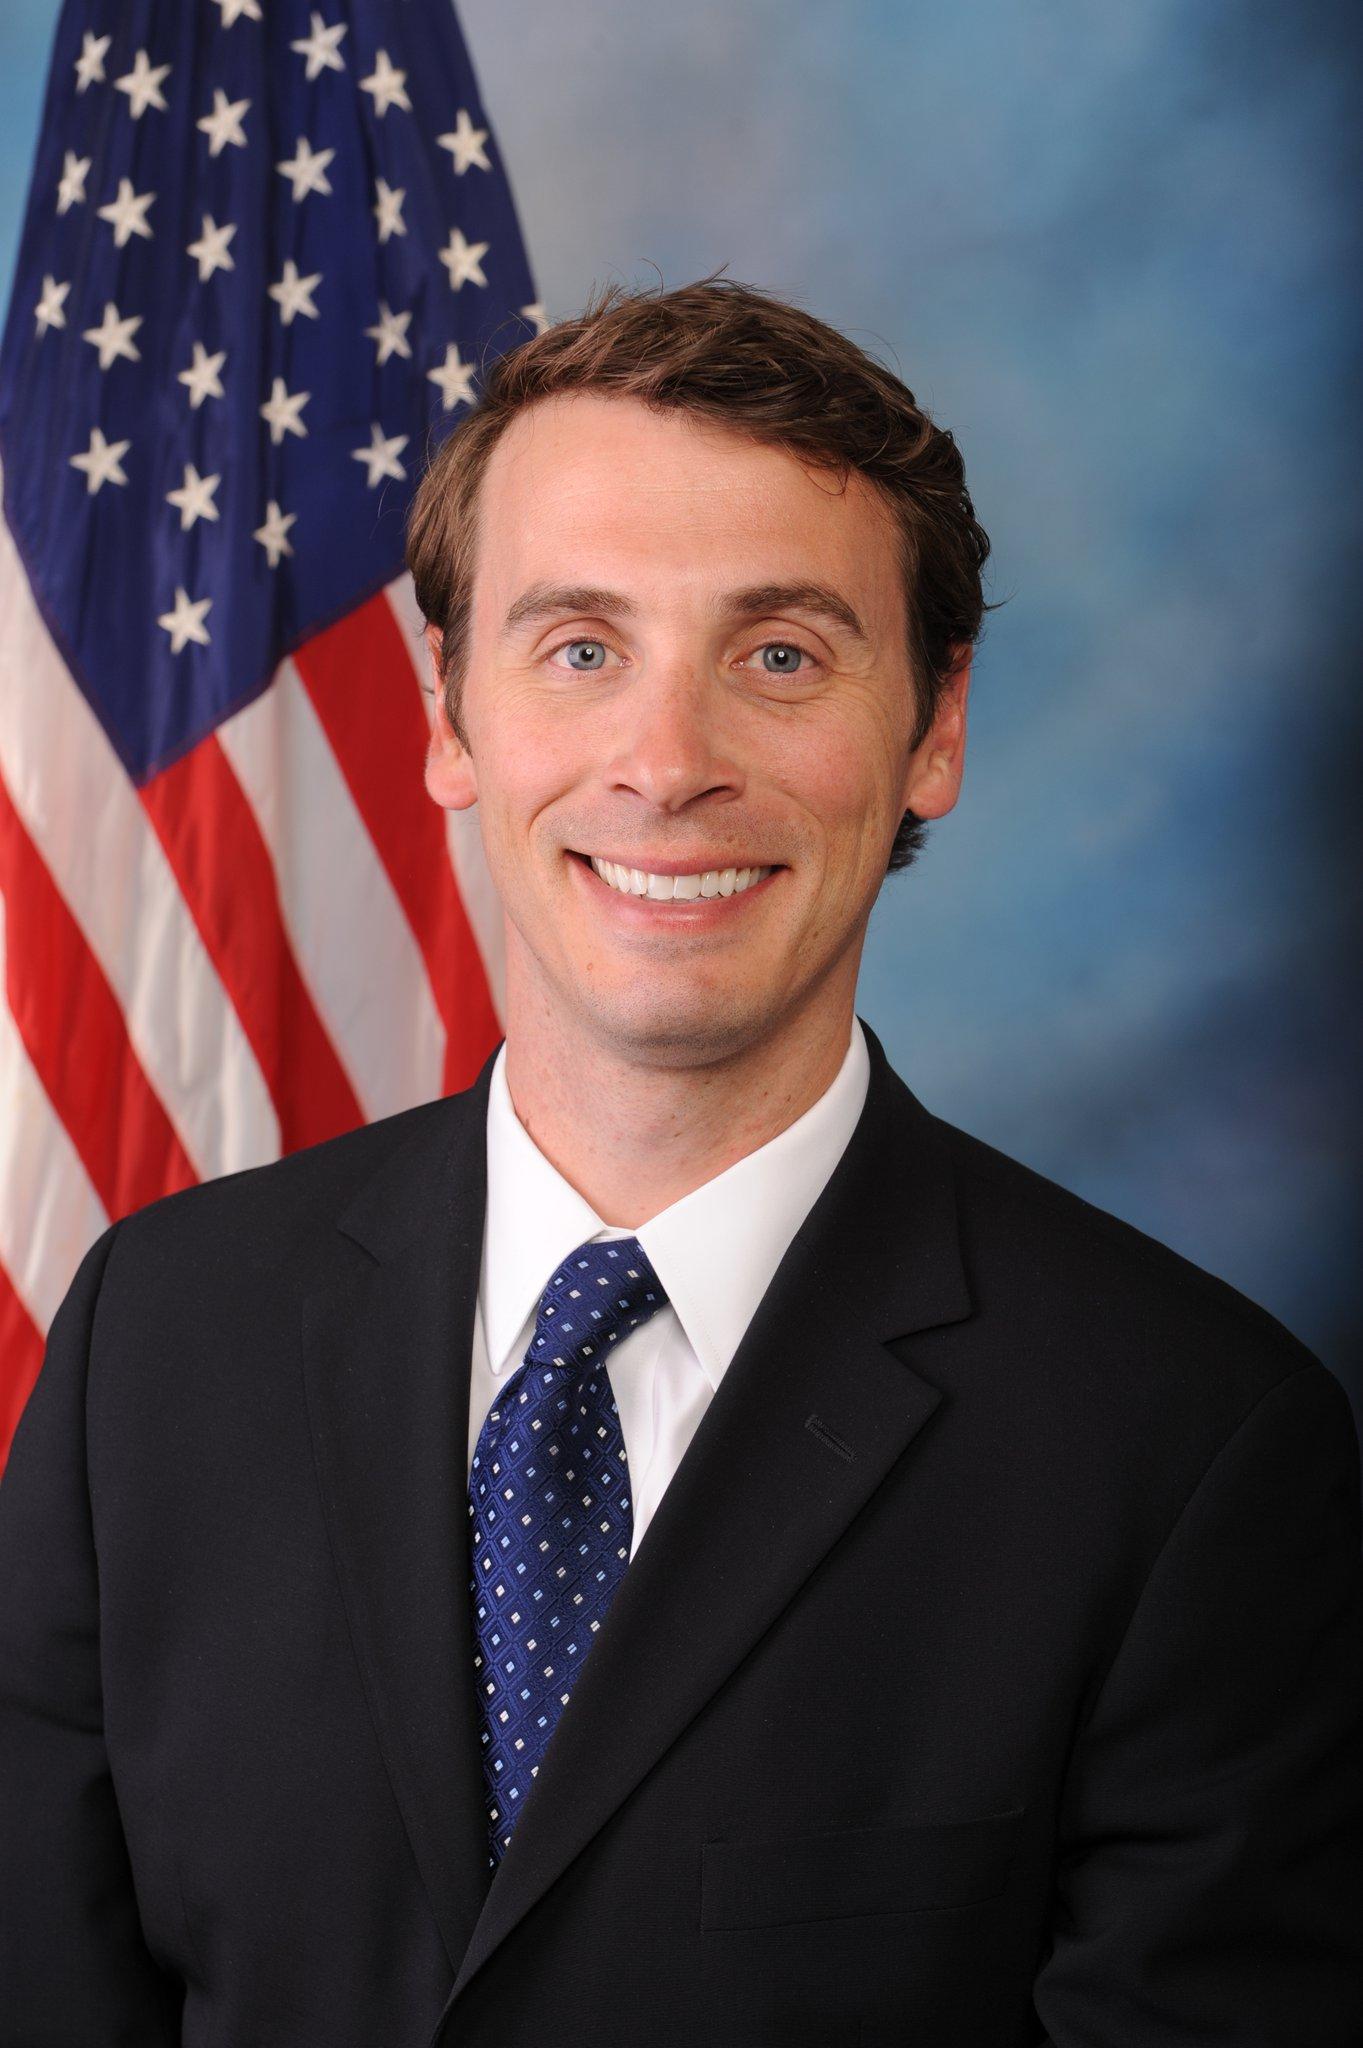 Rep. Ben Quayle